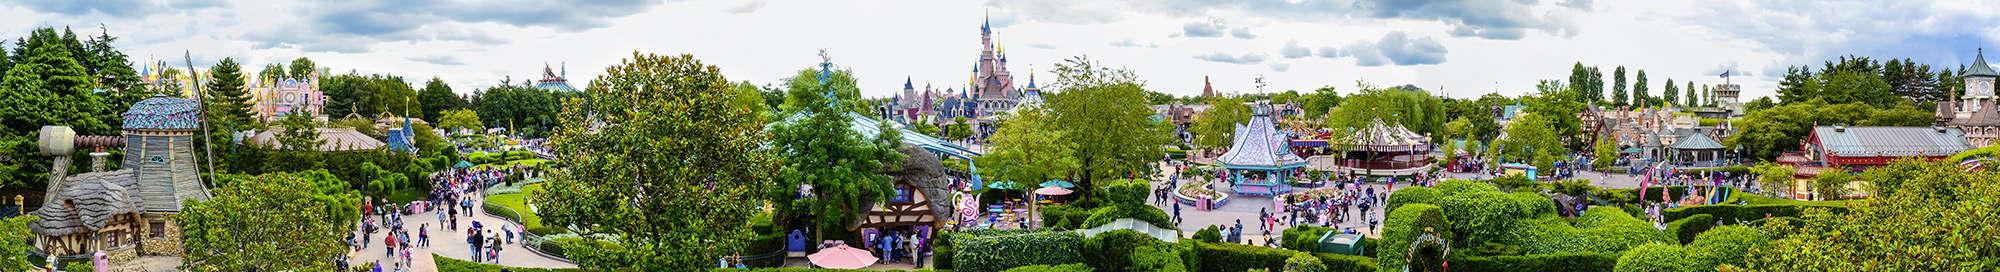 Weekendje weg in Park Disneyland® Paris